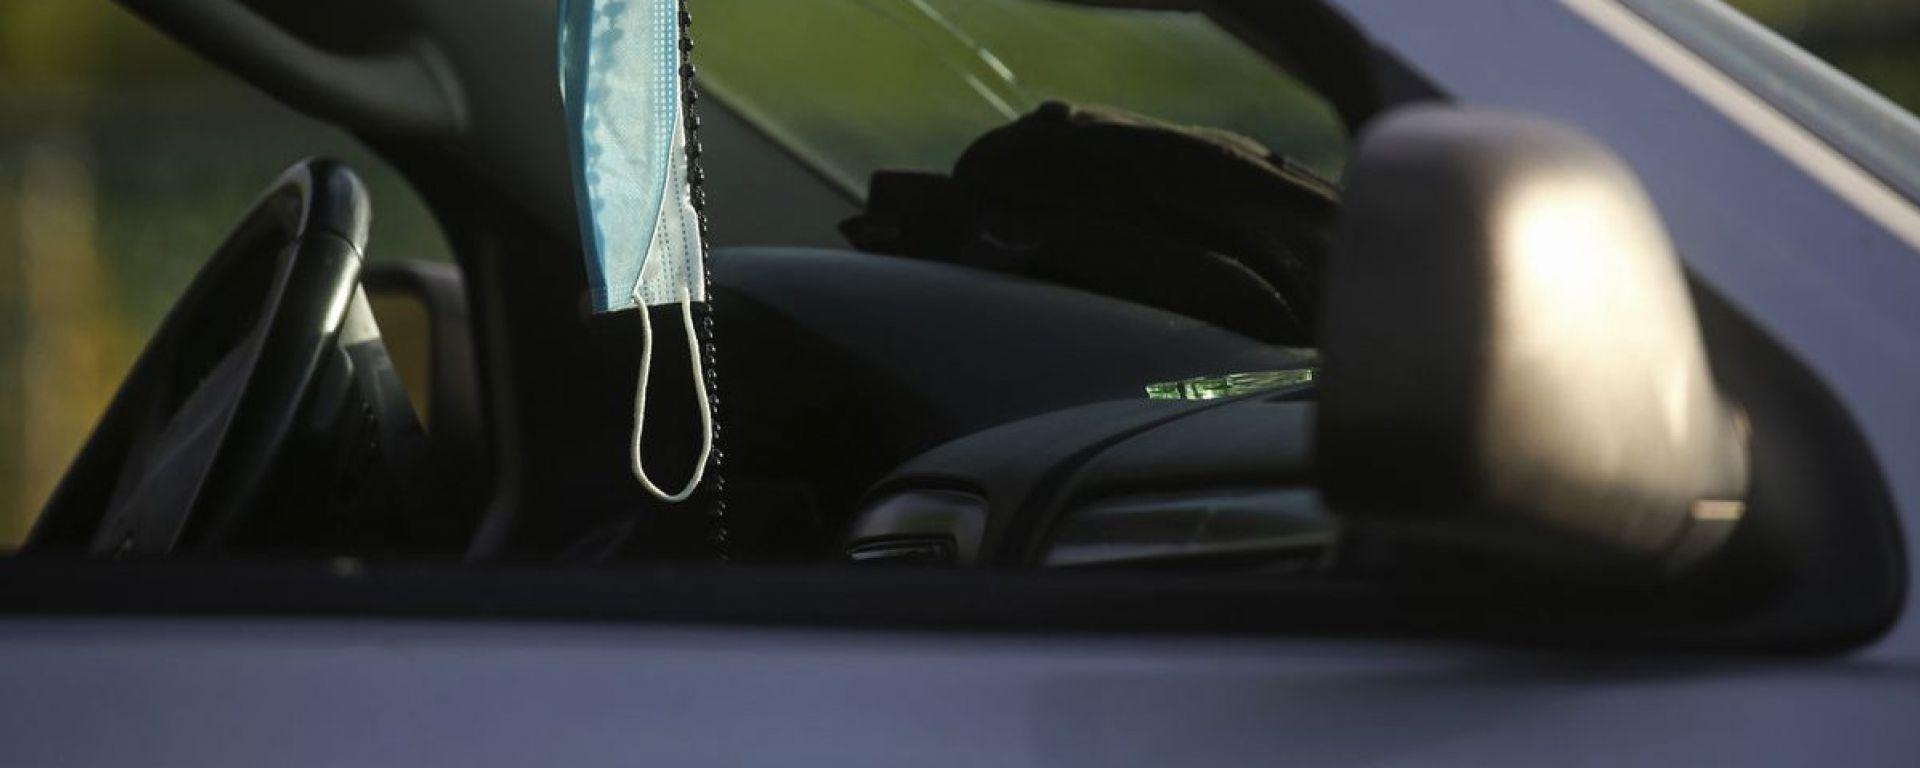 Mascherina in auto, quali regole per l'estate 2021?